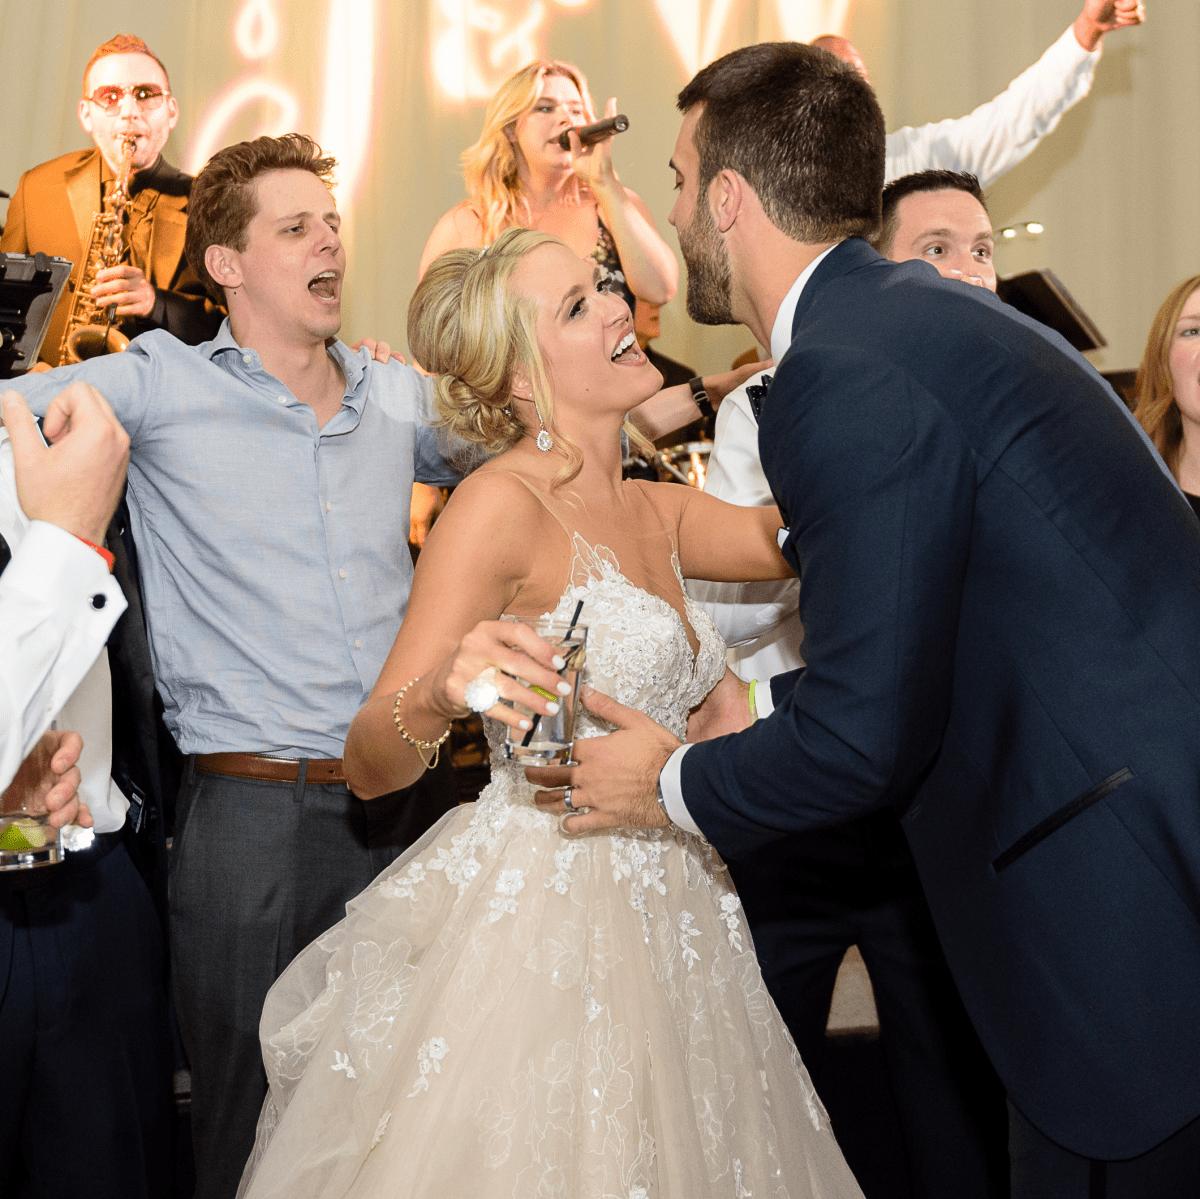 Neely wedding, dance floor